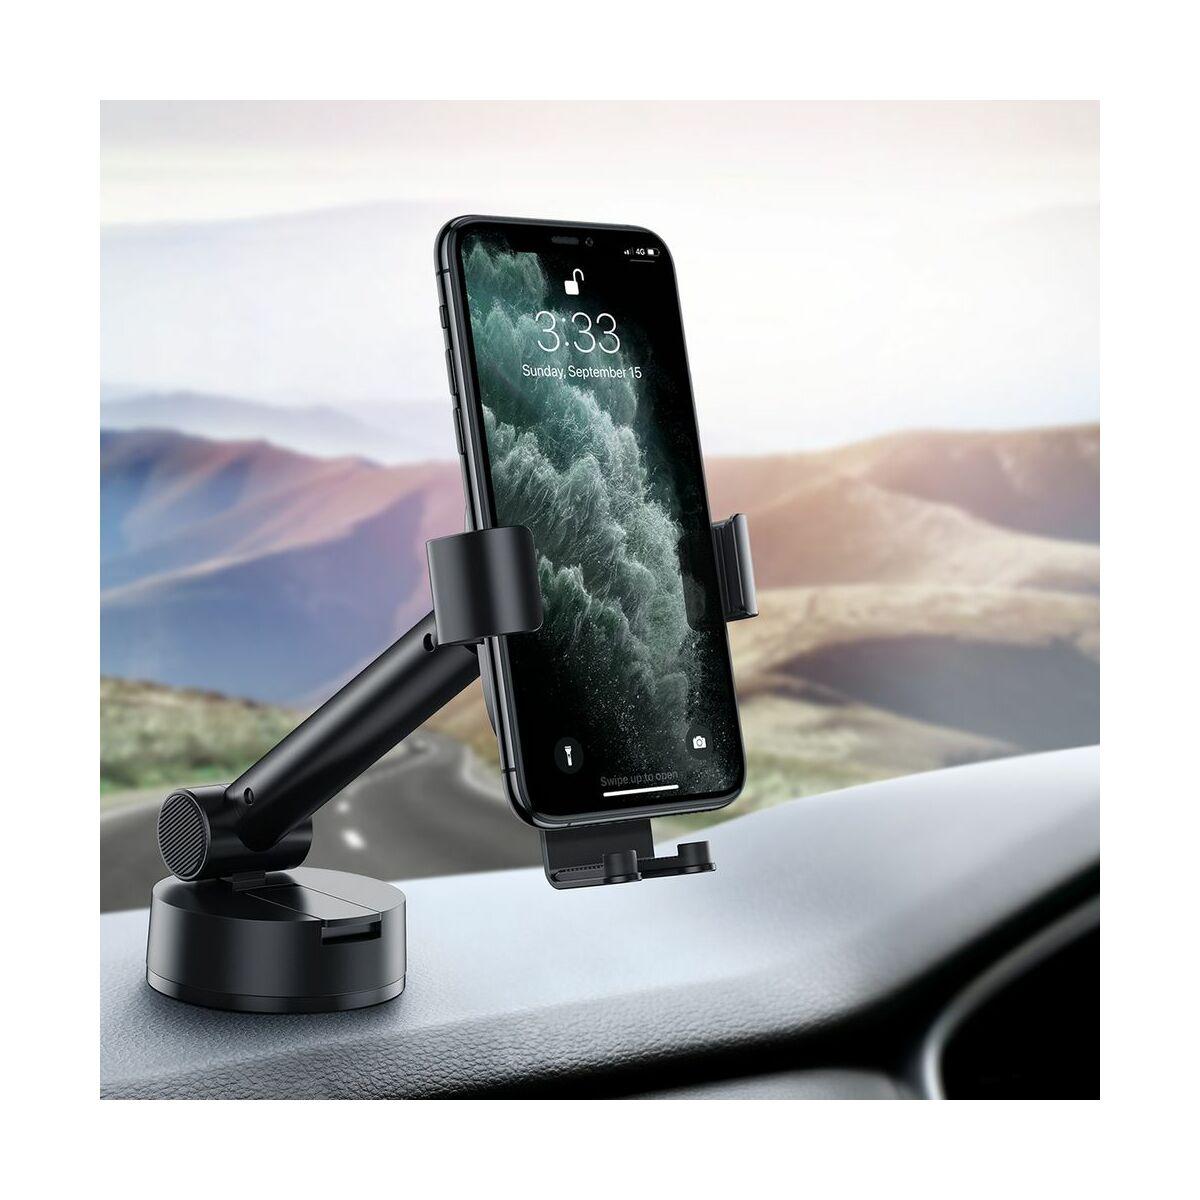 Baseus autós telefon tartó, Simplism Gravity, műszerfalra vagy szélvédőre helyezhető, fekete (SUYL-JY01)